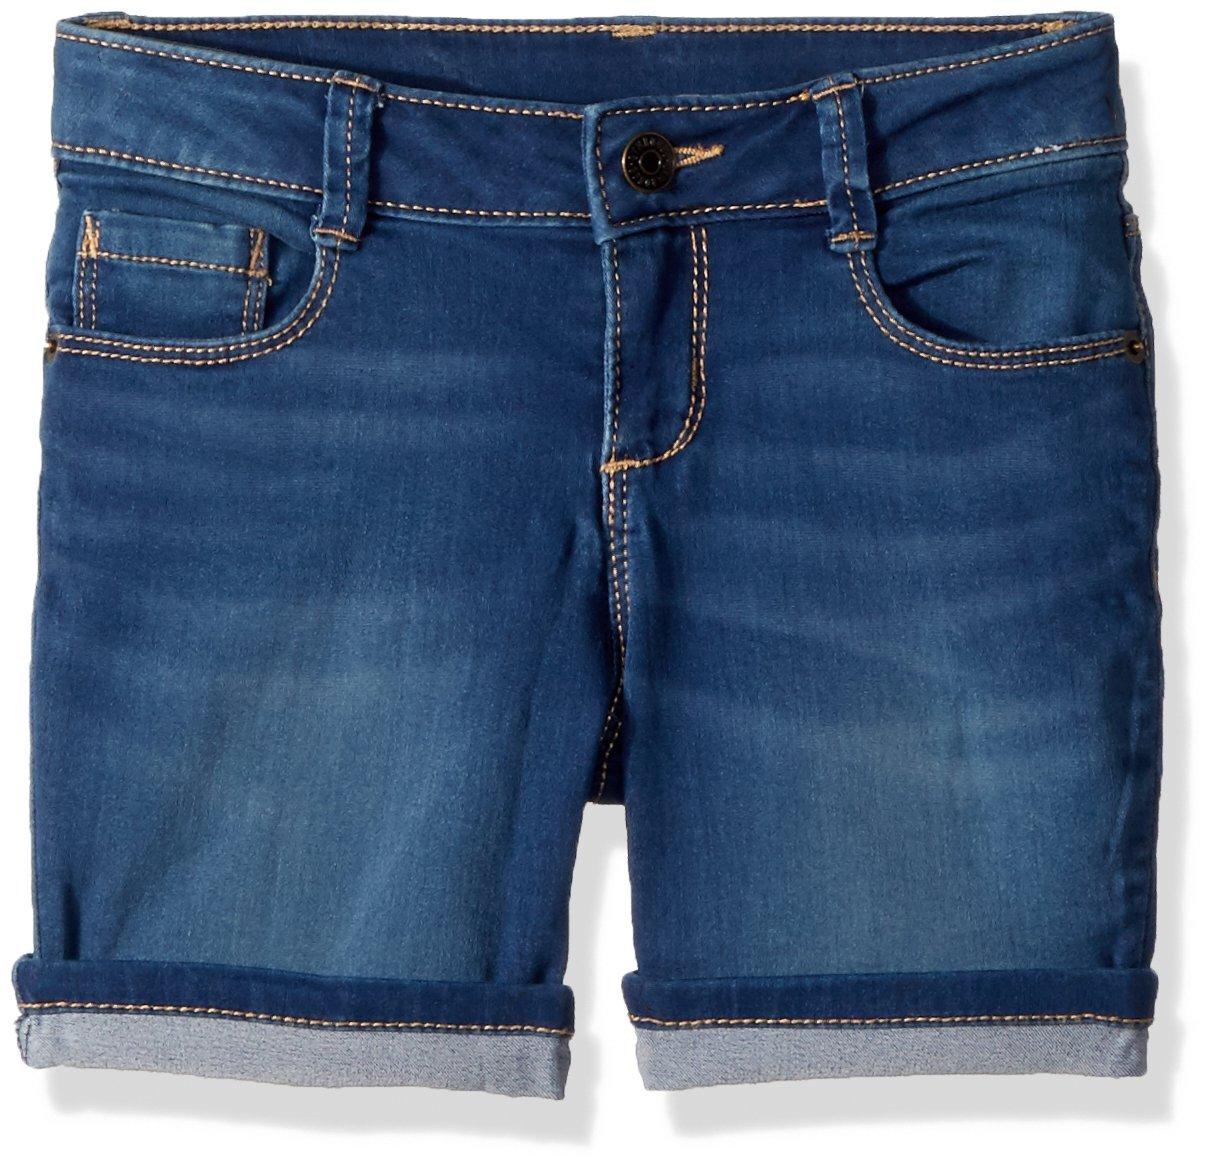 Gymboree Little Girls' Bermuda Shorts, Dark Denim, 10